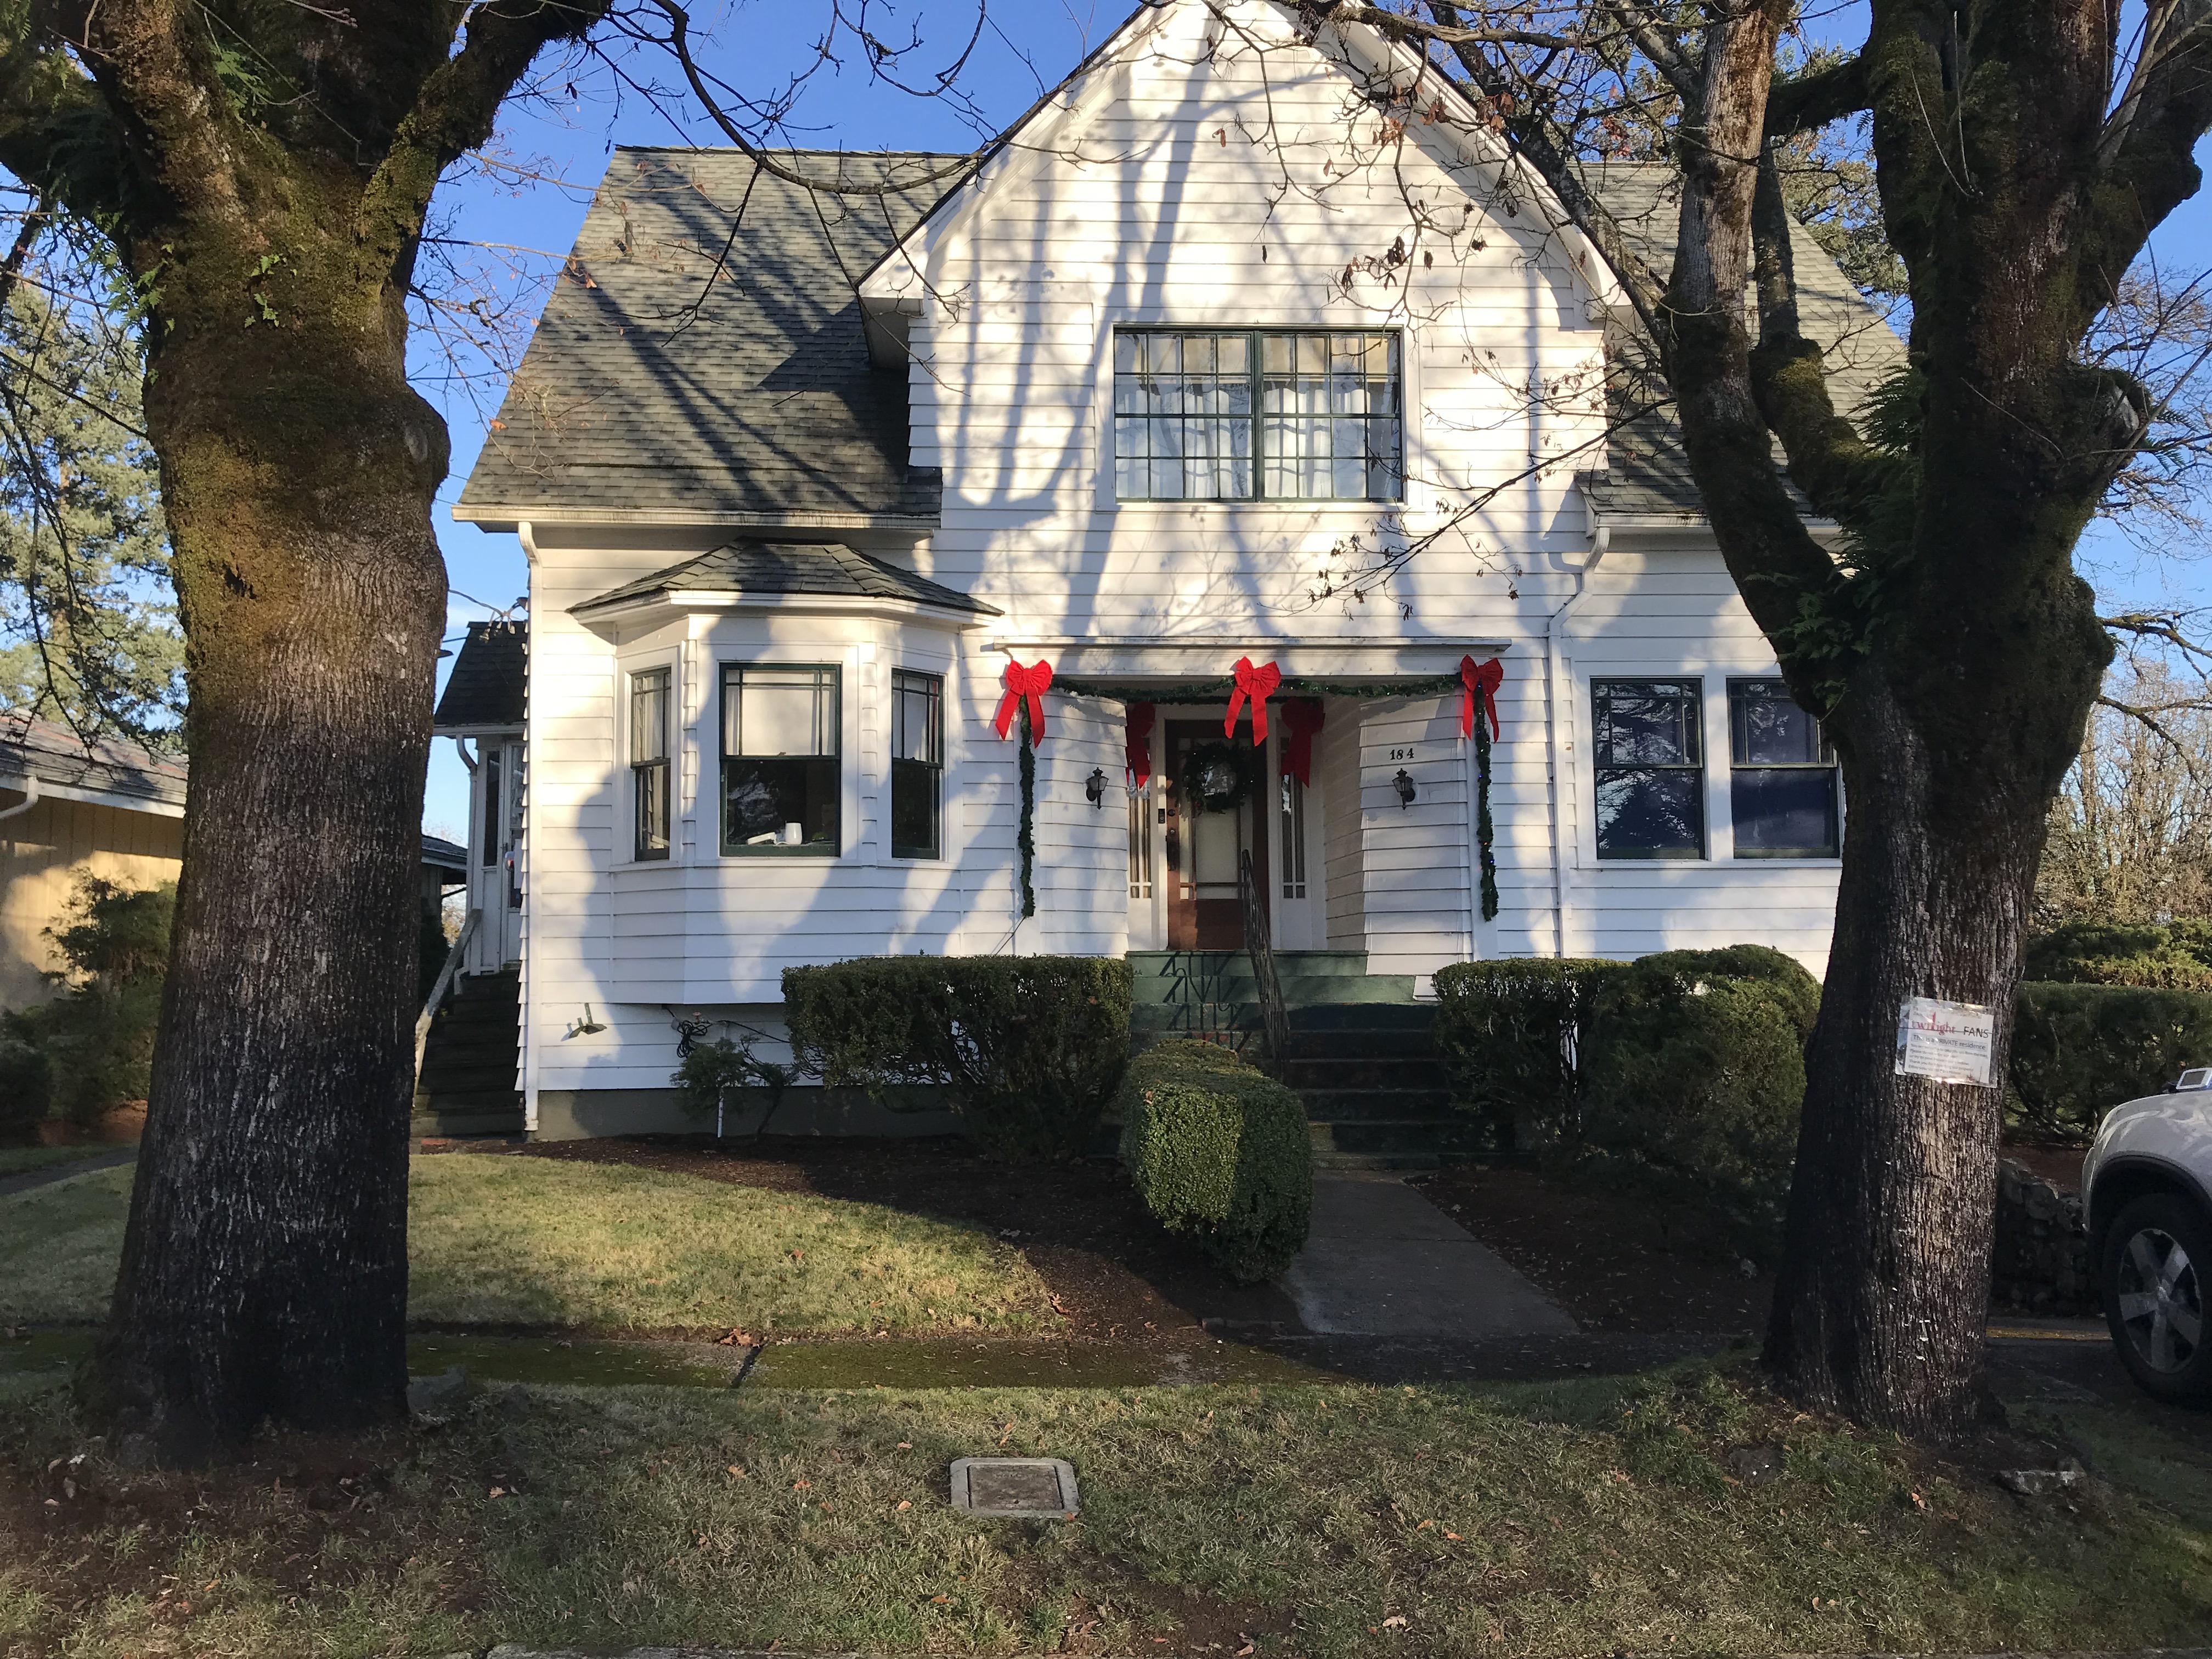 Twilight Swan House Häuser Zur Miete In St Helens Oregon Vereinigte Staaten